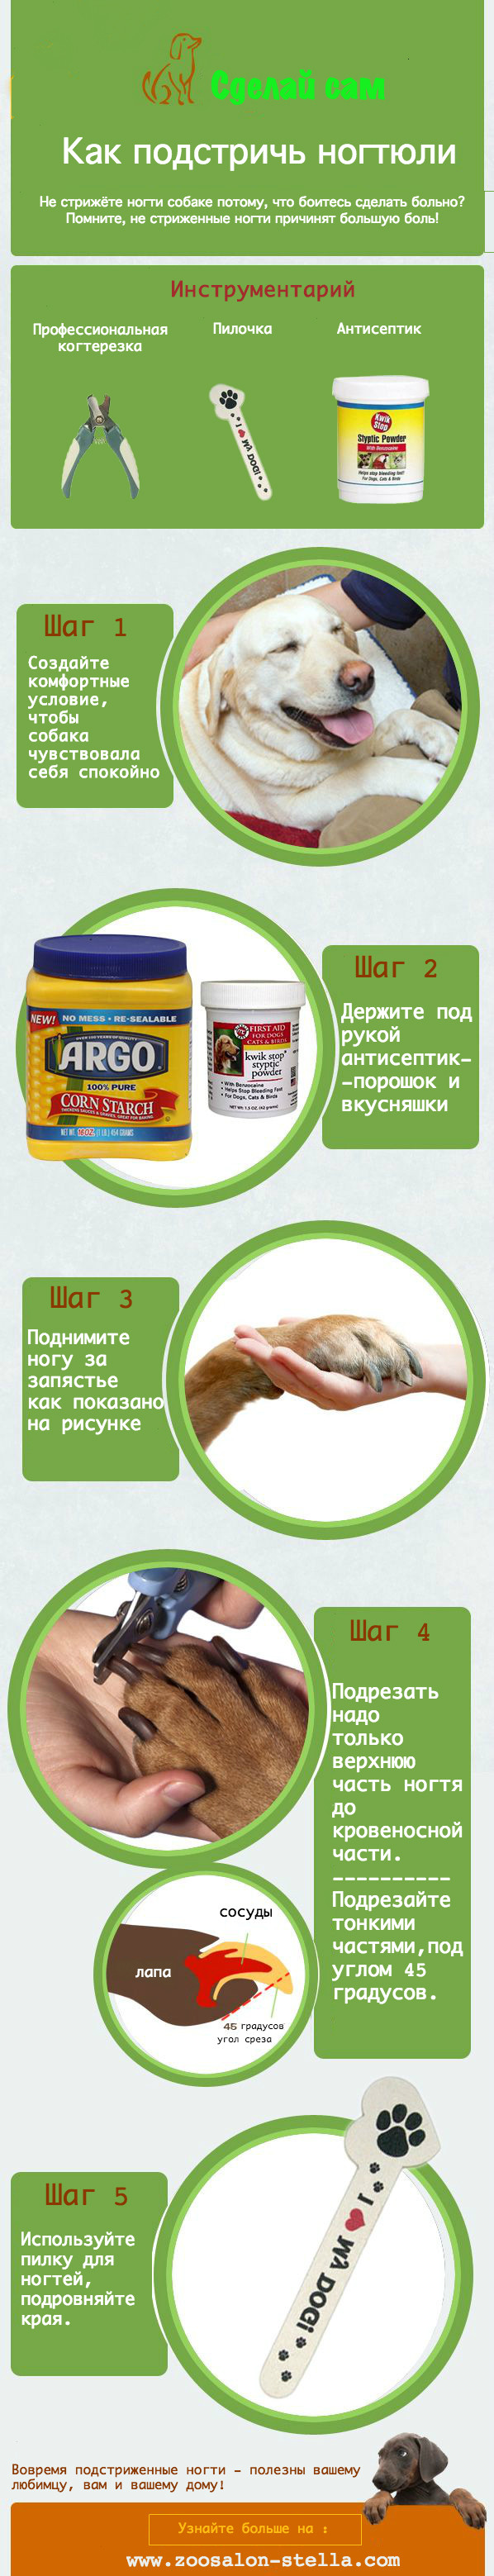 подстричь ногти собаке